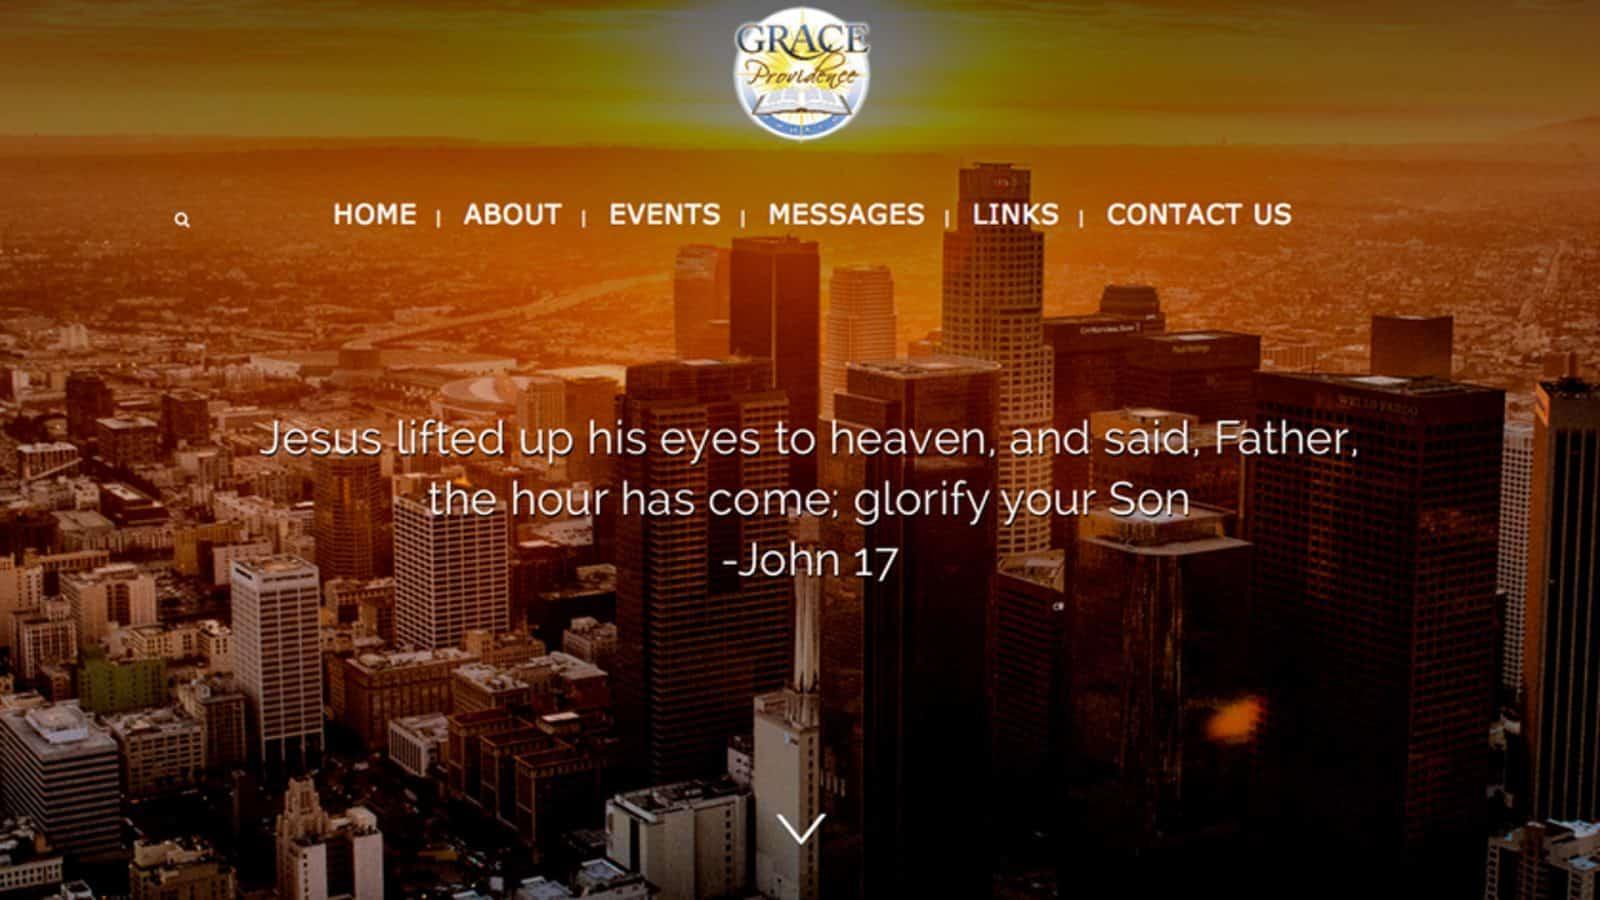 Grace Providence Church Website